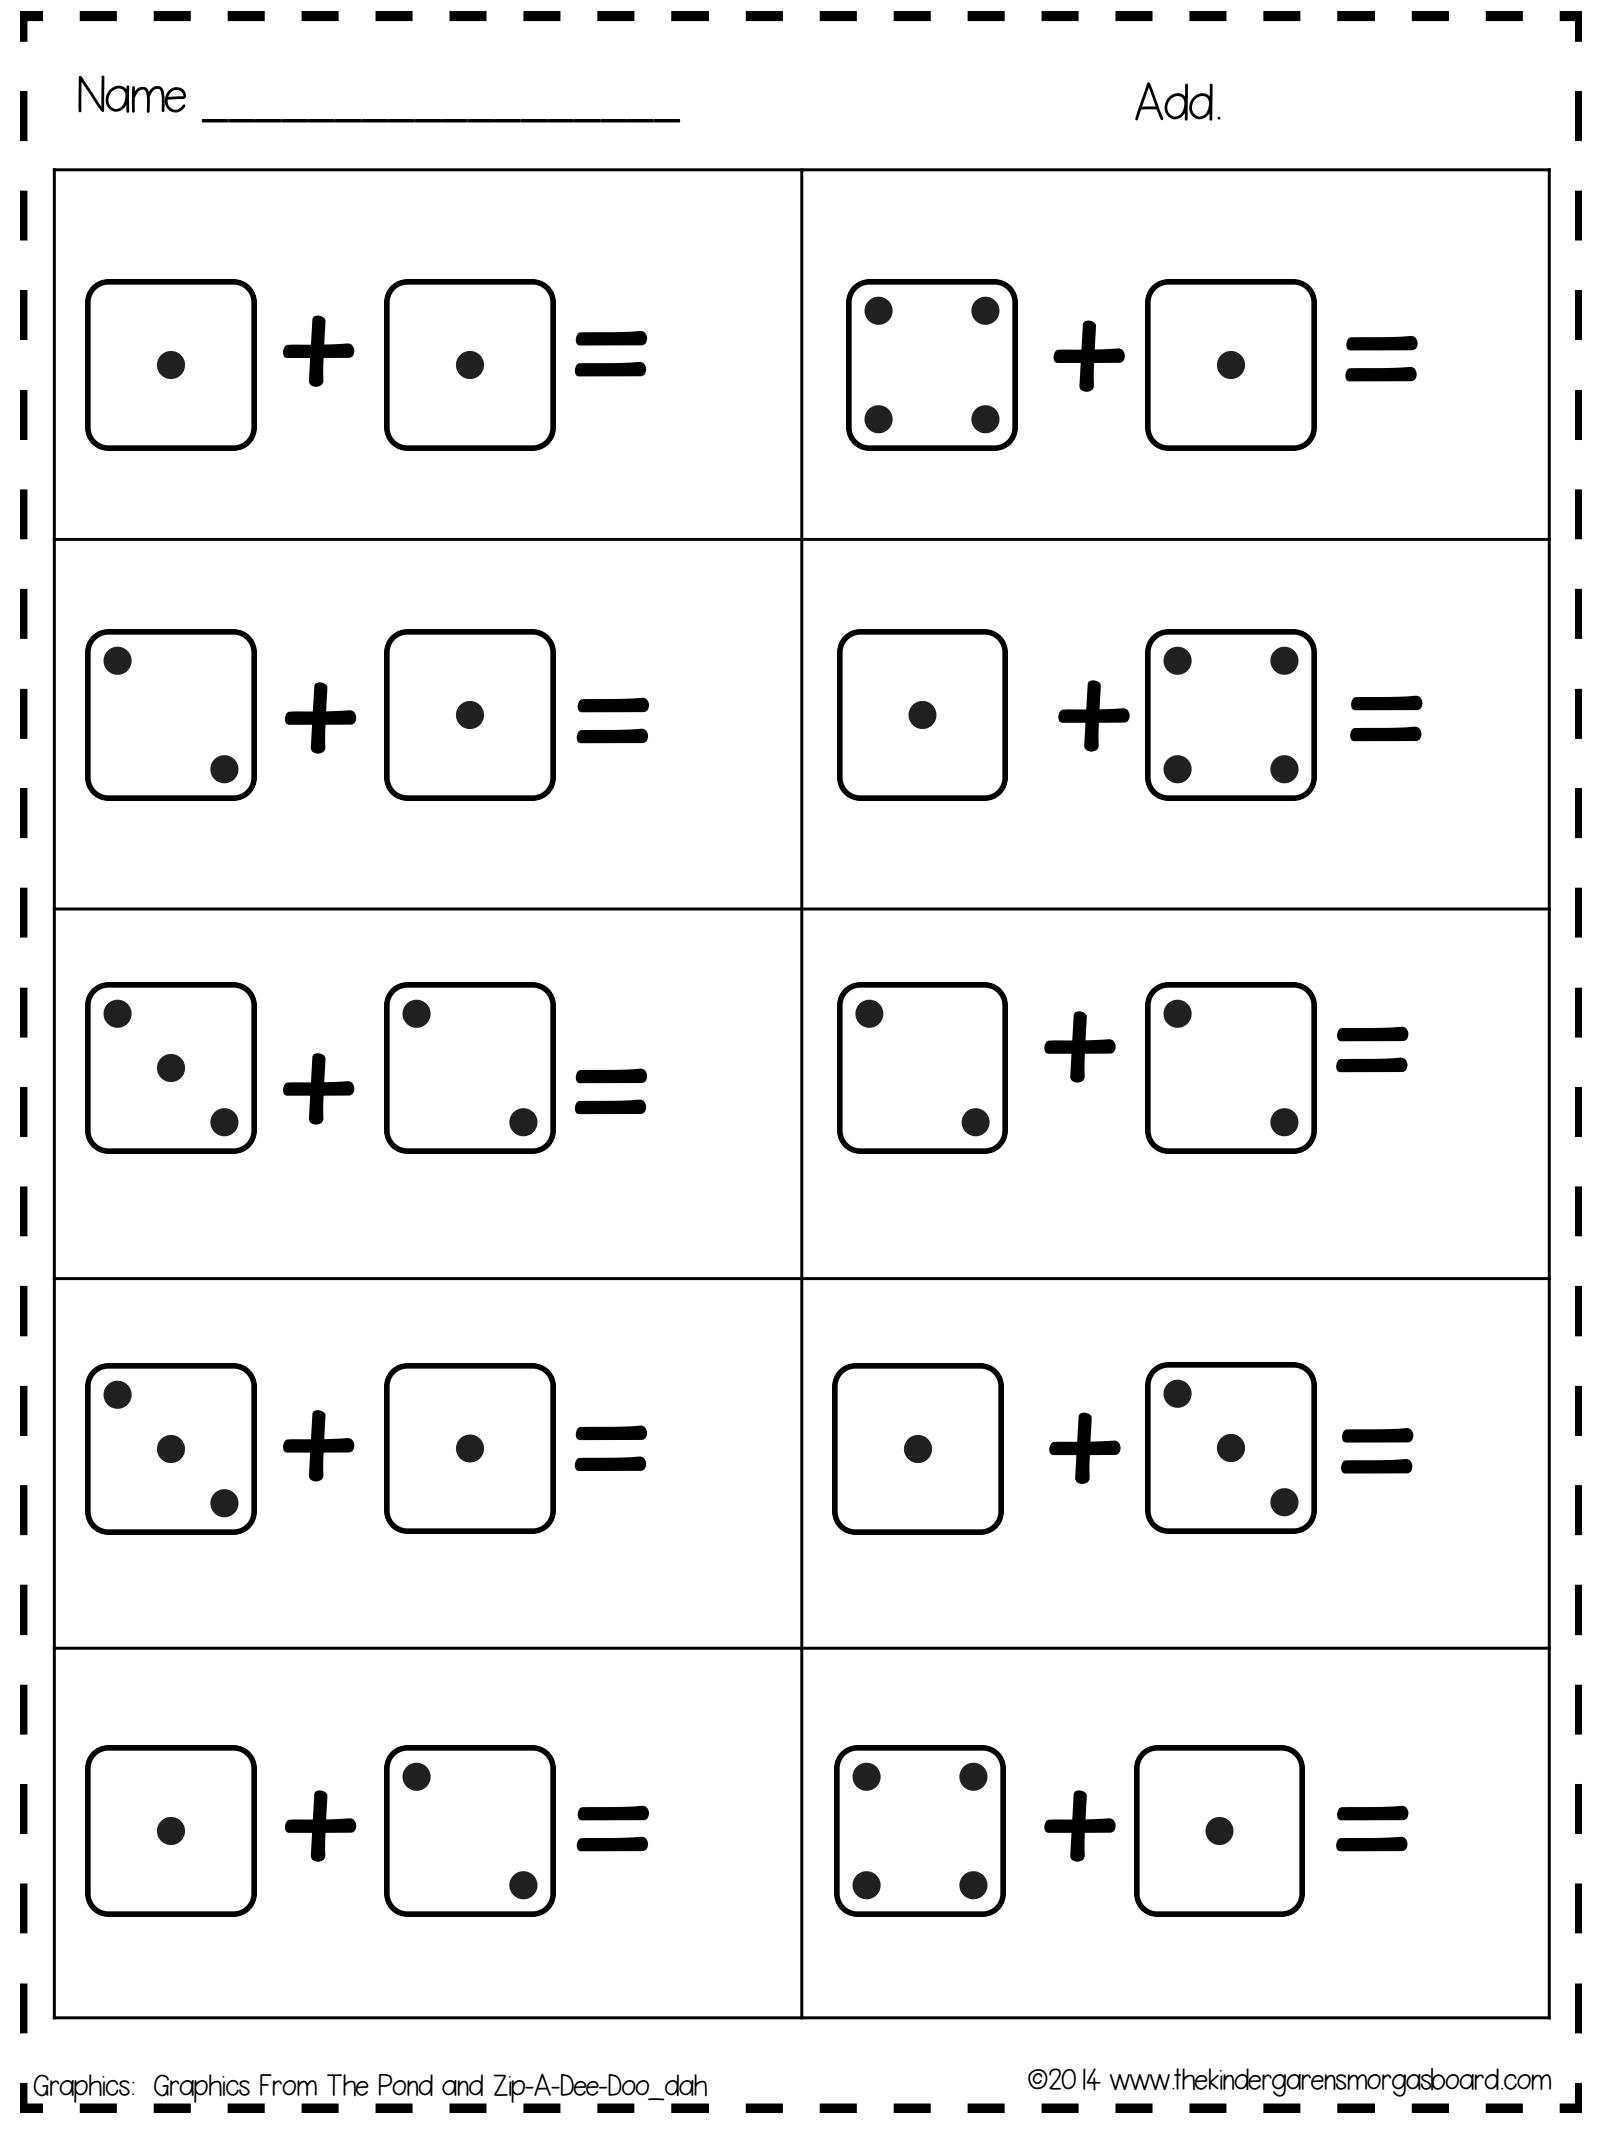 Seite 1 von 1 grundschule pinterest mathe for Vorschulaufgaben ausdrucken